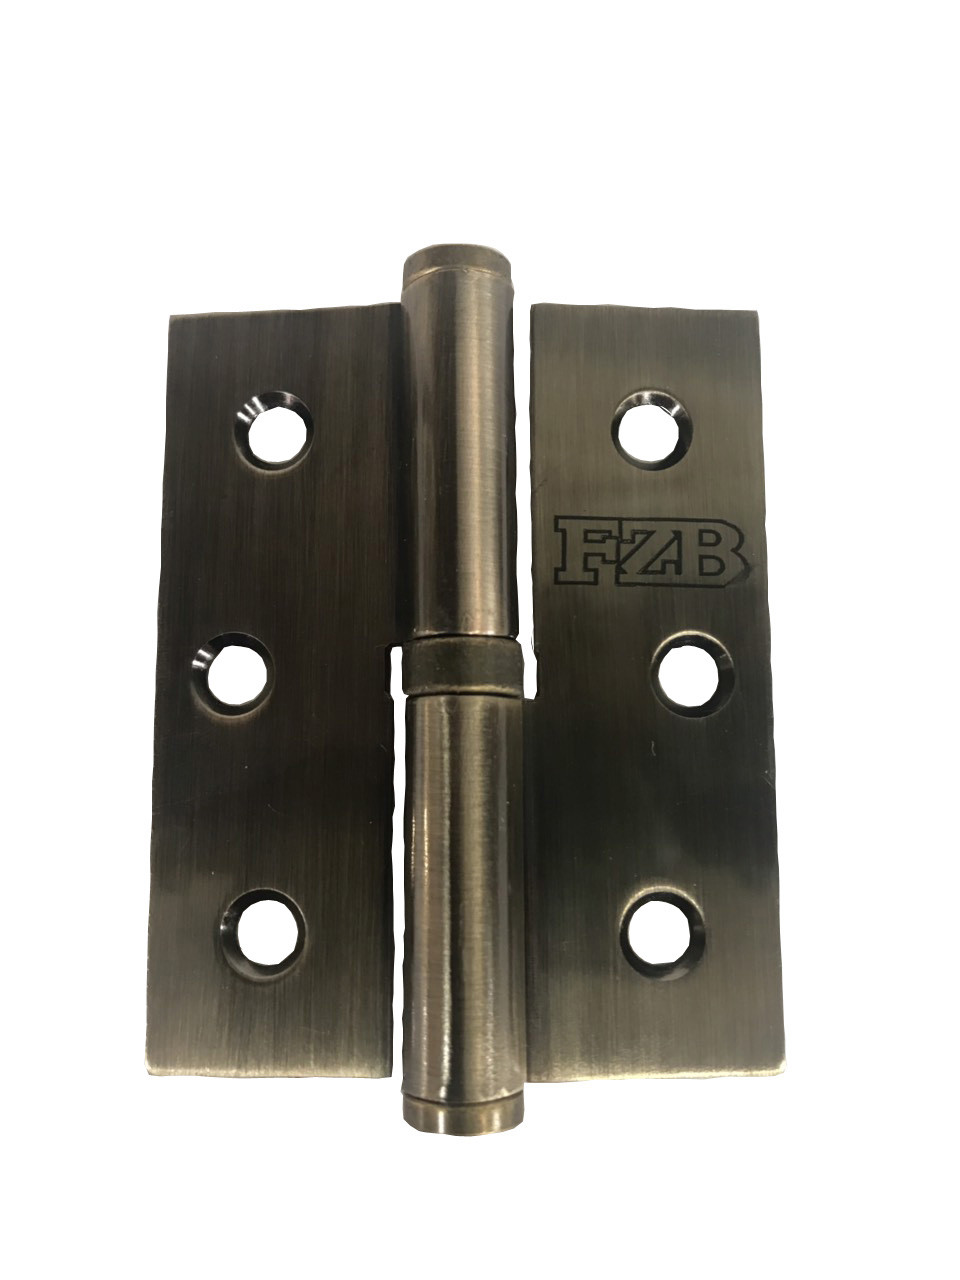 Петля дверная 75 мм, левая/правая, 0170.